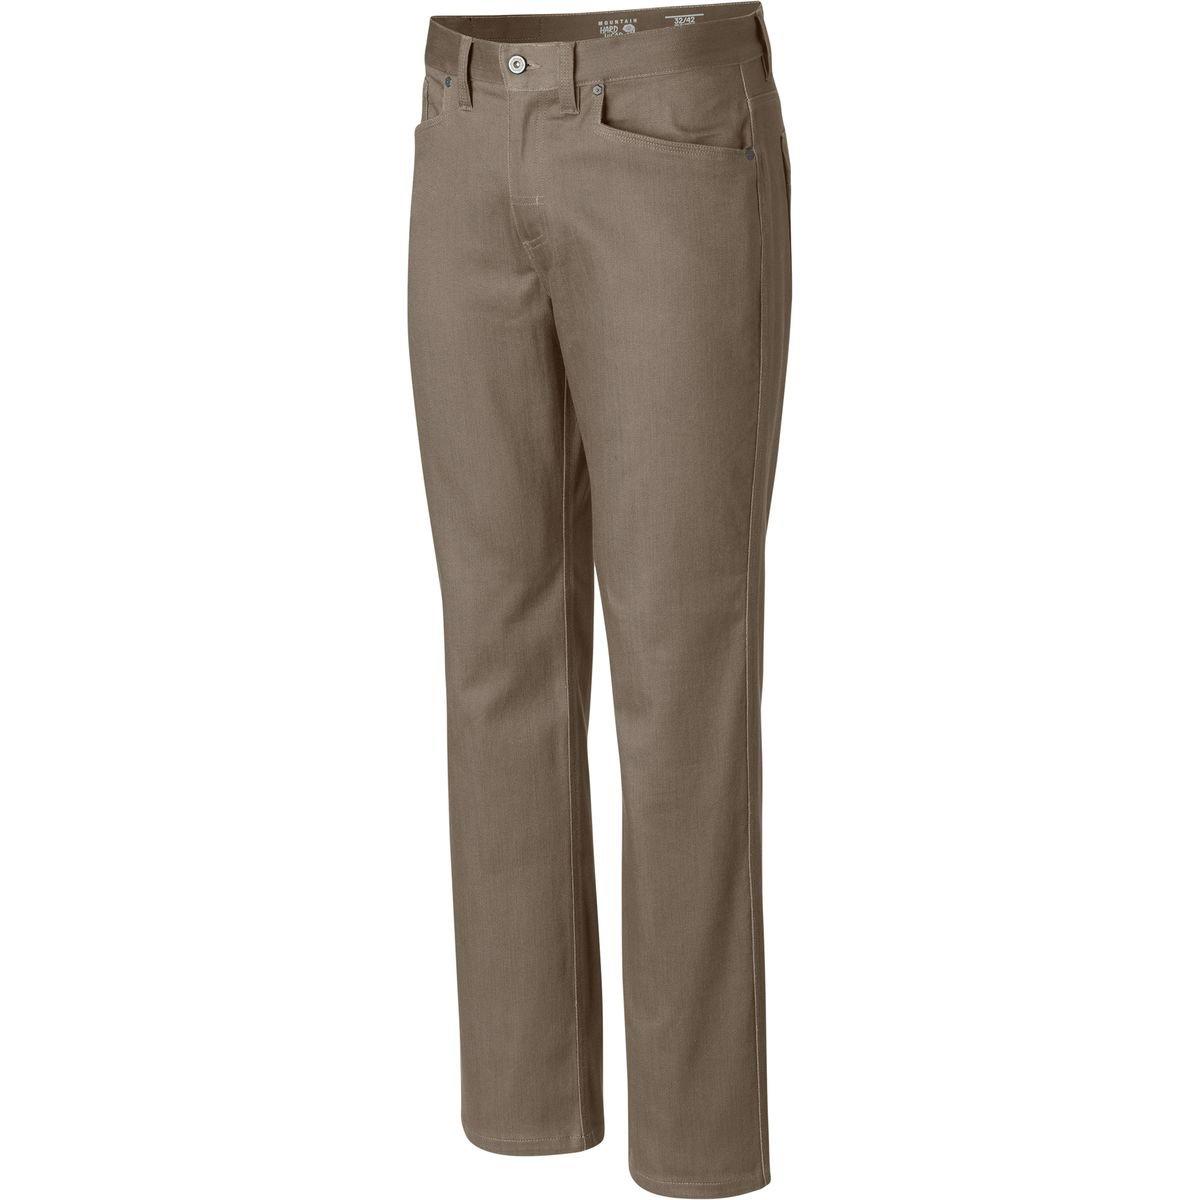 bd5e5a56177dc9 Mountain Hardwear Passenger 5 Pocket Pant - Men s free shipping ...